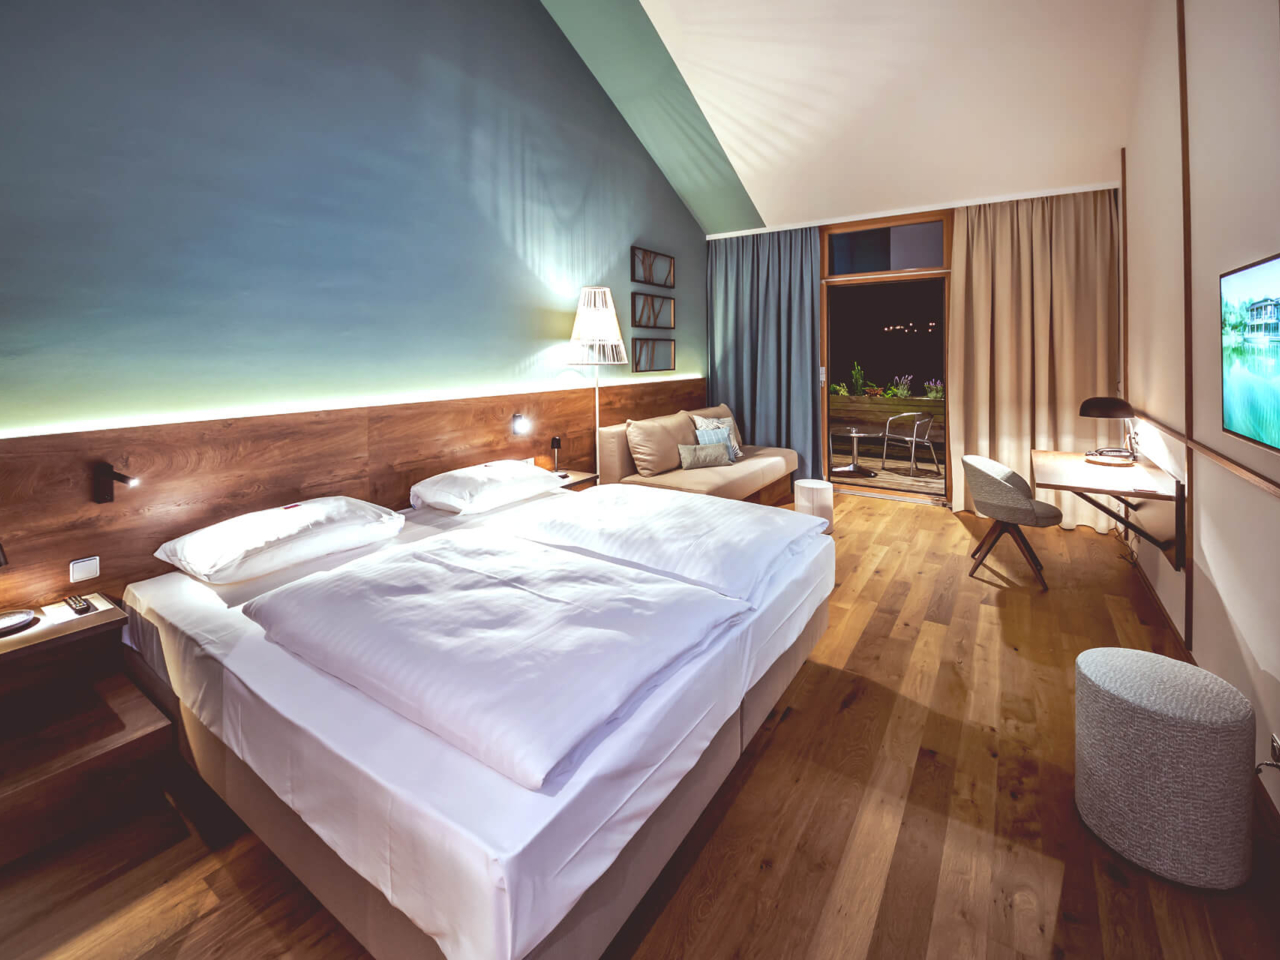 Ausstattung der Premium Doppelzimmer im Sonnreich in Bad Loipersdorf